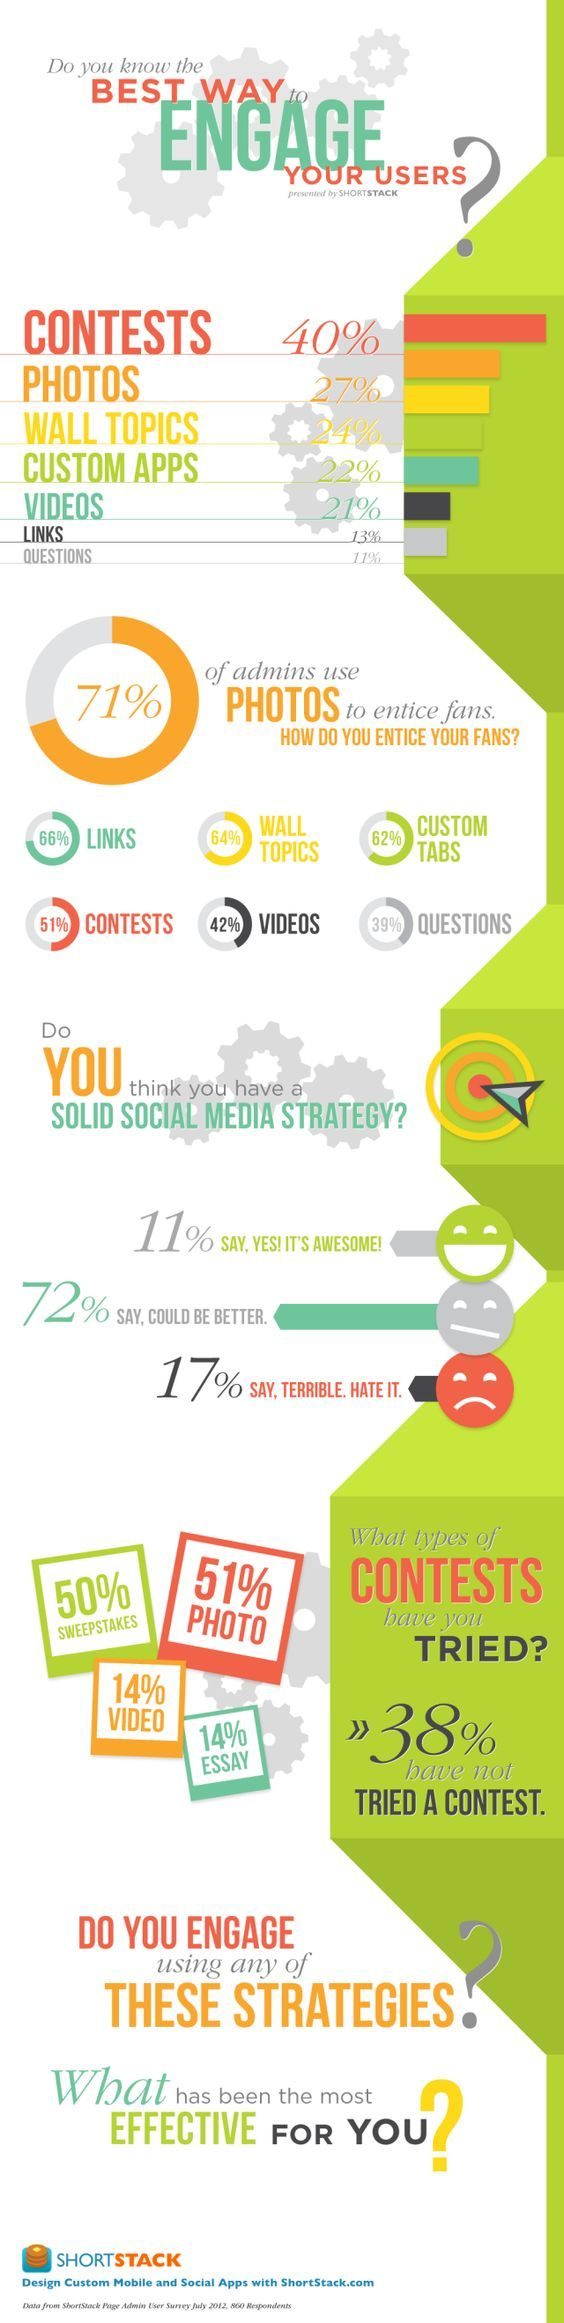 Formas de conseguir engagement en redes sociales #socialmedia #redessociales